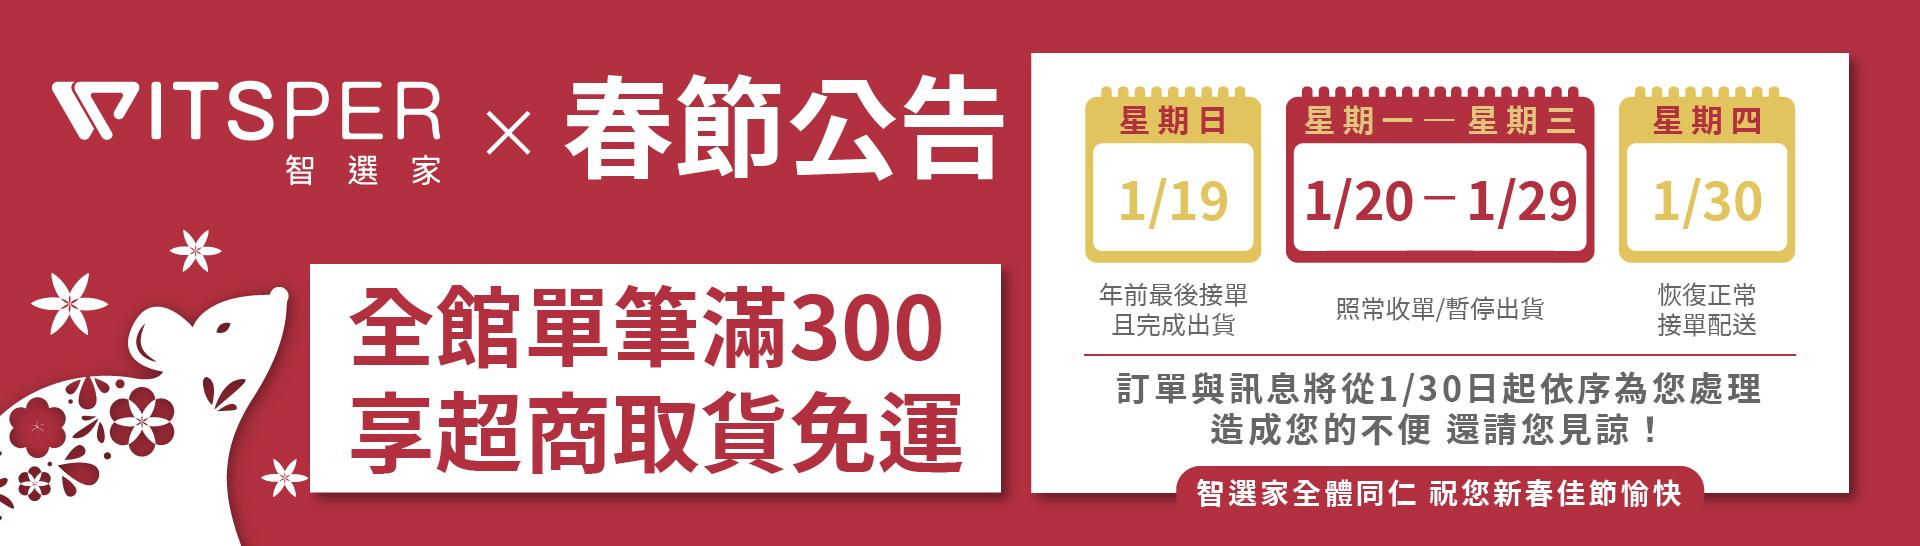 1/20-1/29 春節公告|WitsPer智選家